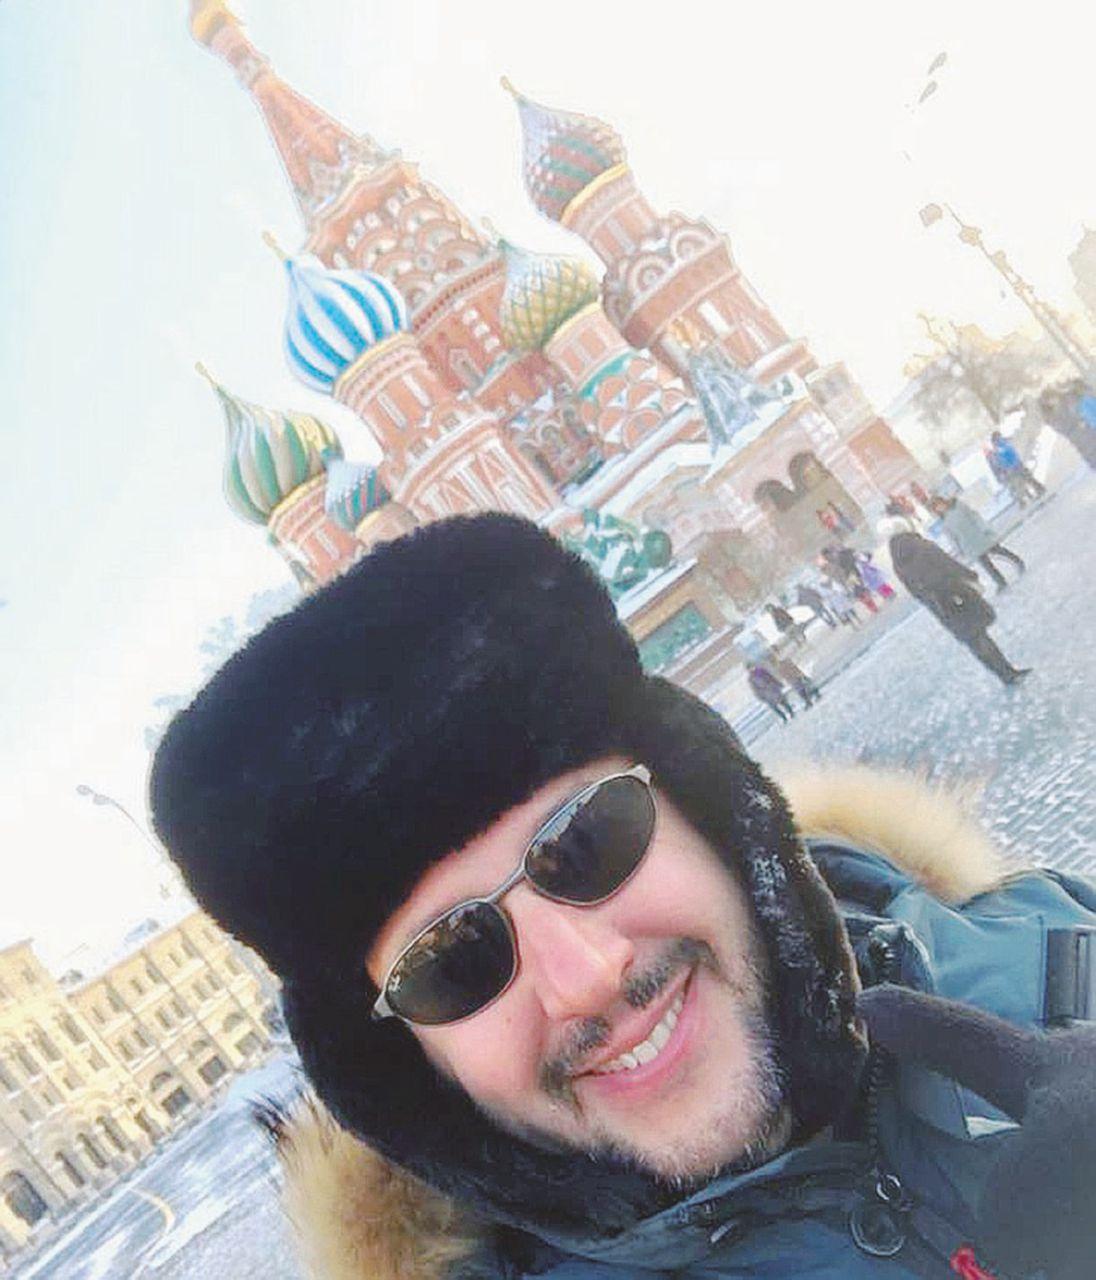 In Edicola sul Fatto. Salvini vuol fare l'americano: tradisce Putin e provoca i russi